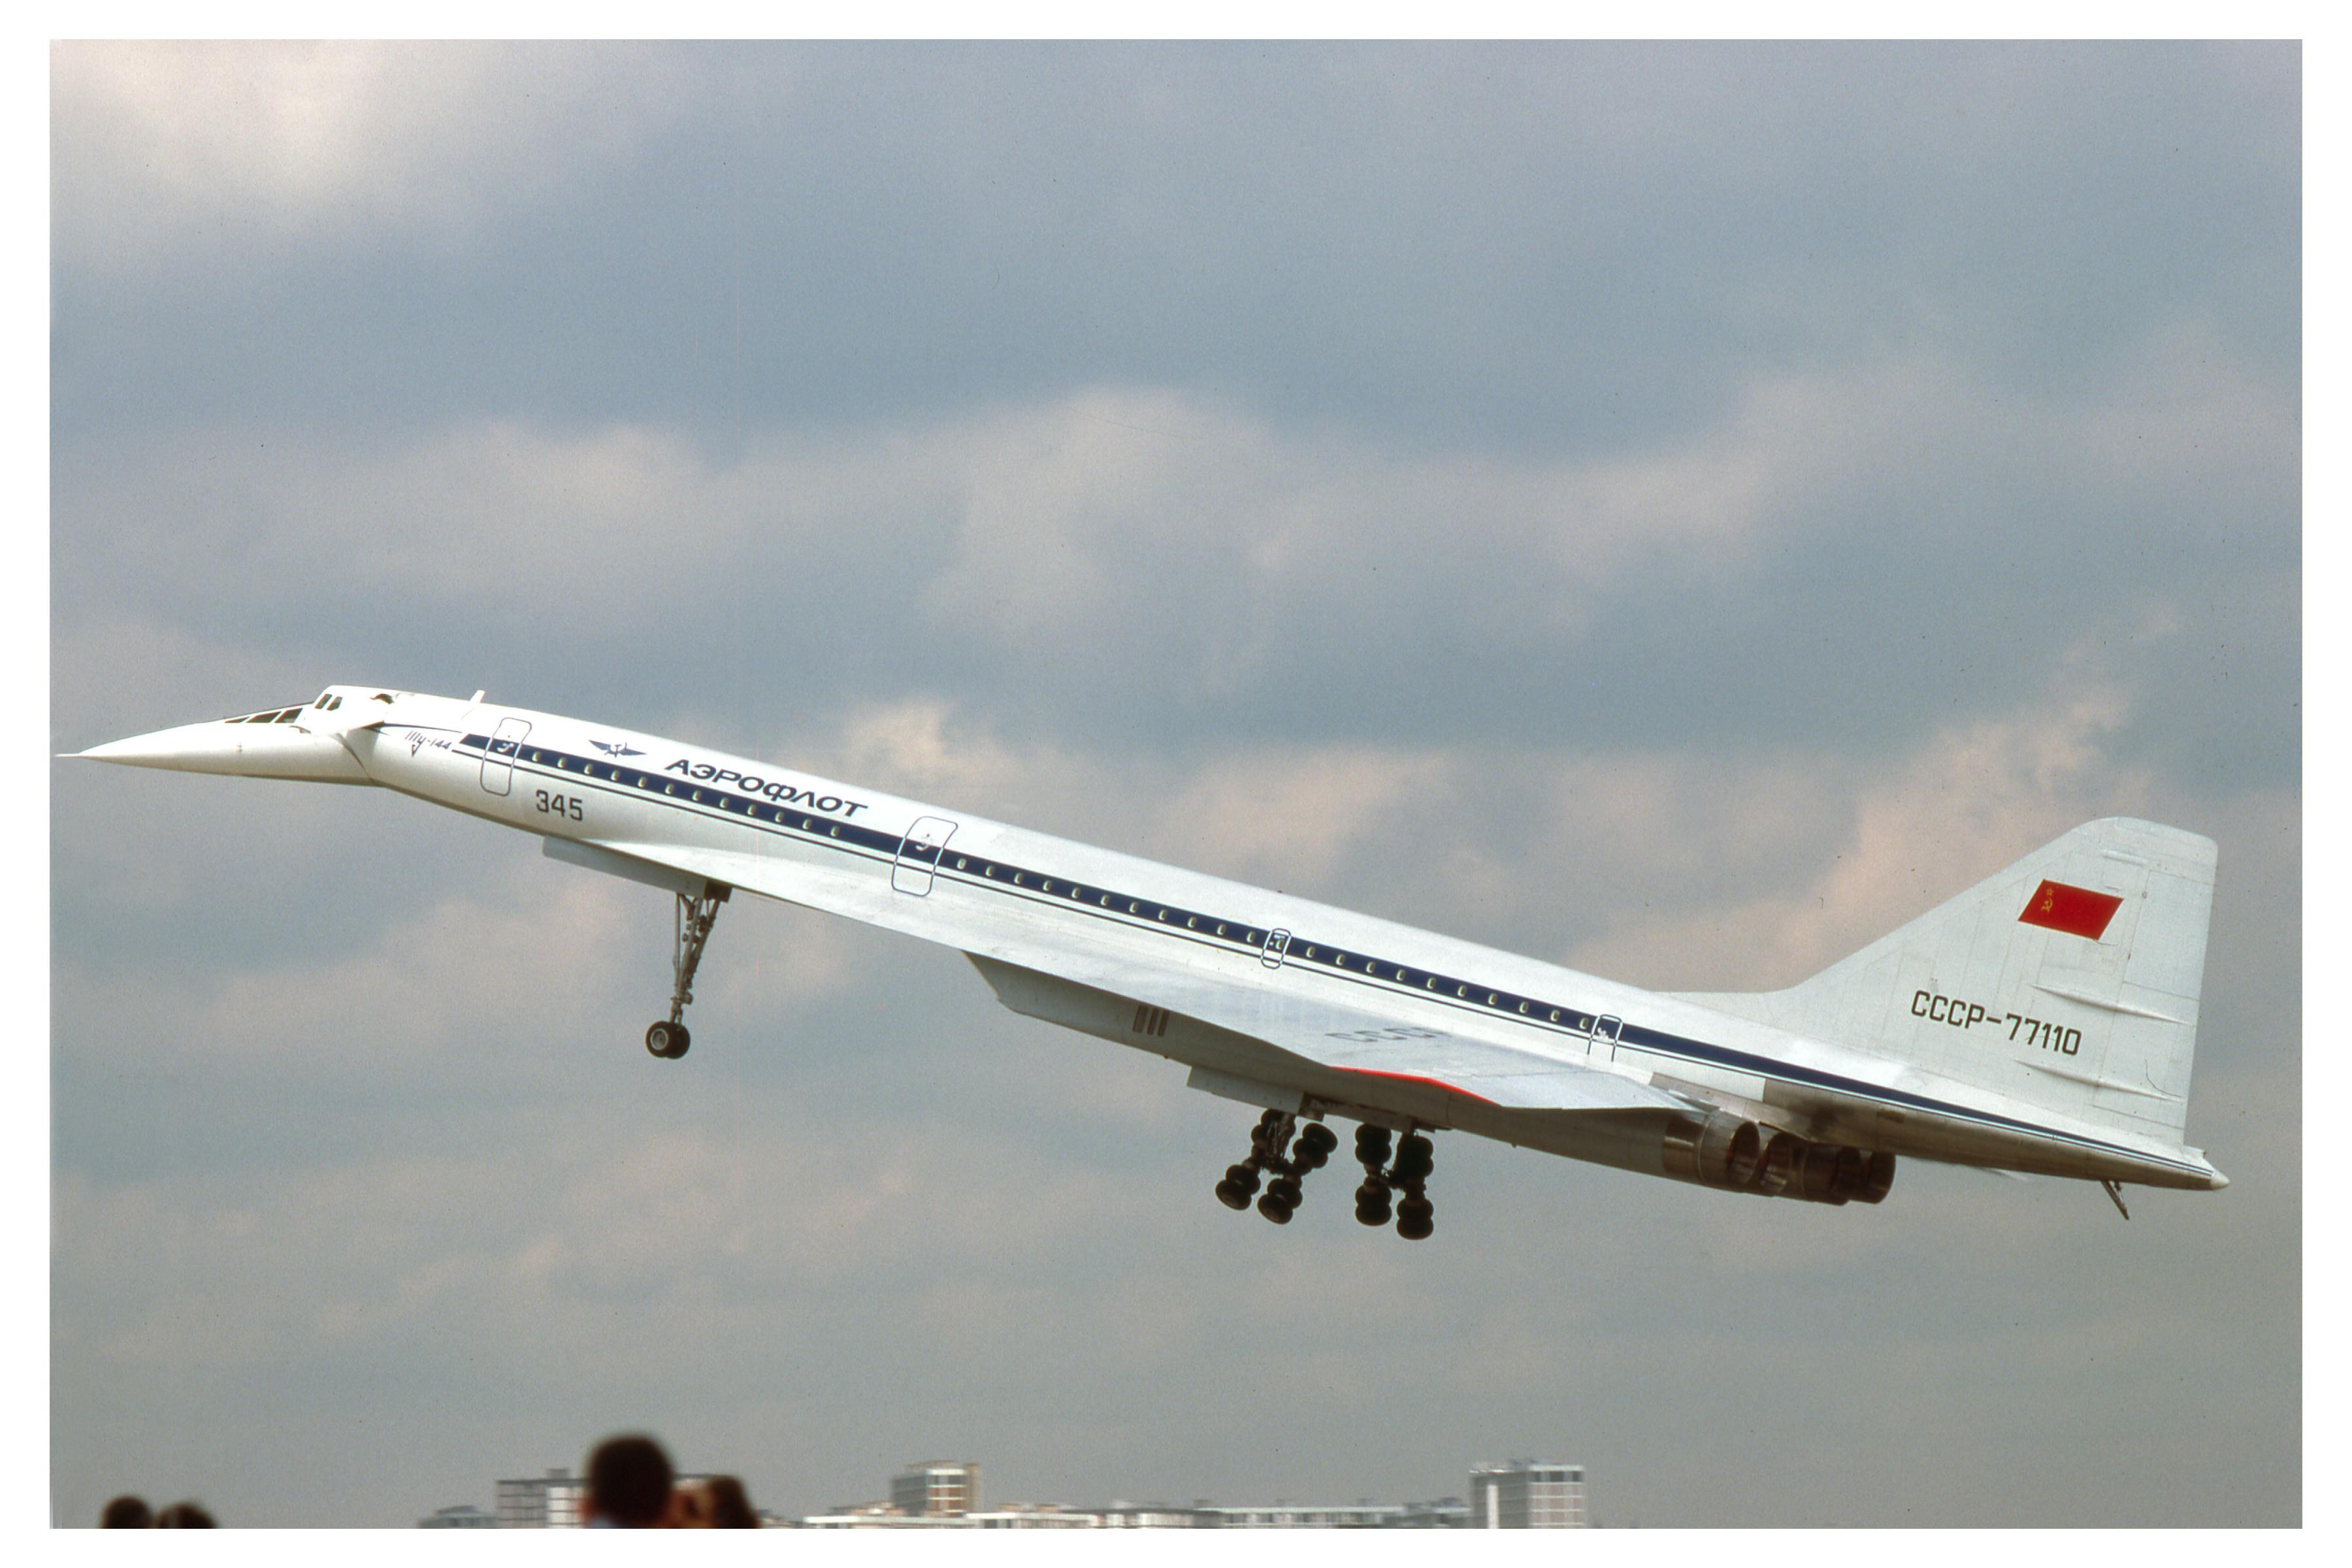 Советский сверхзвуковой лайнер Ту-144. Фото © Flickr/clipperarctic